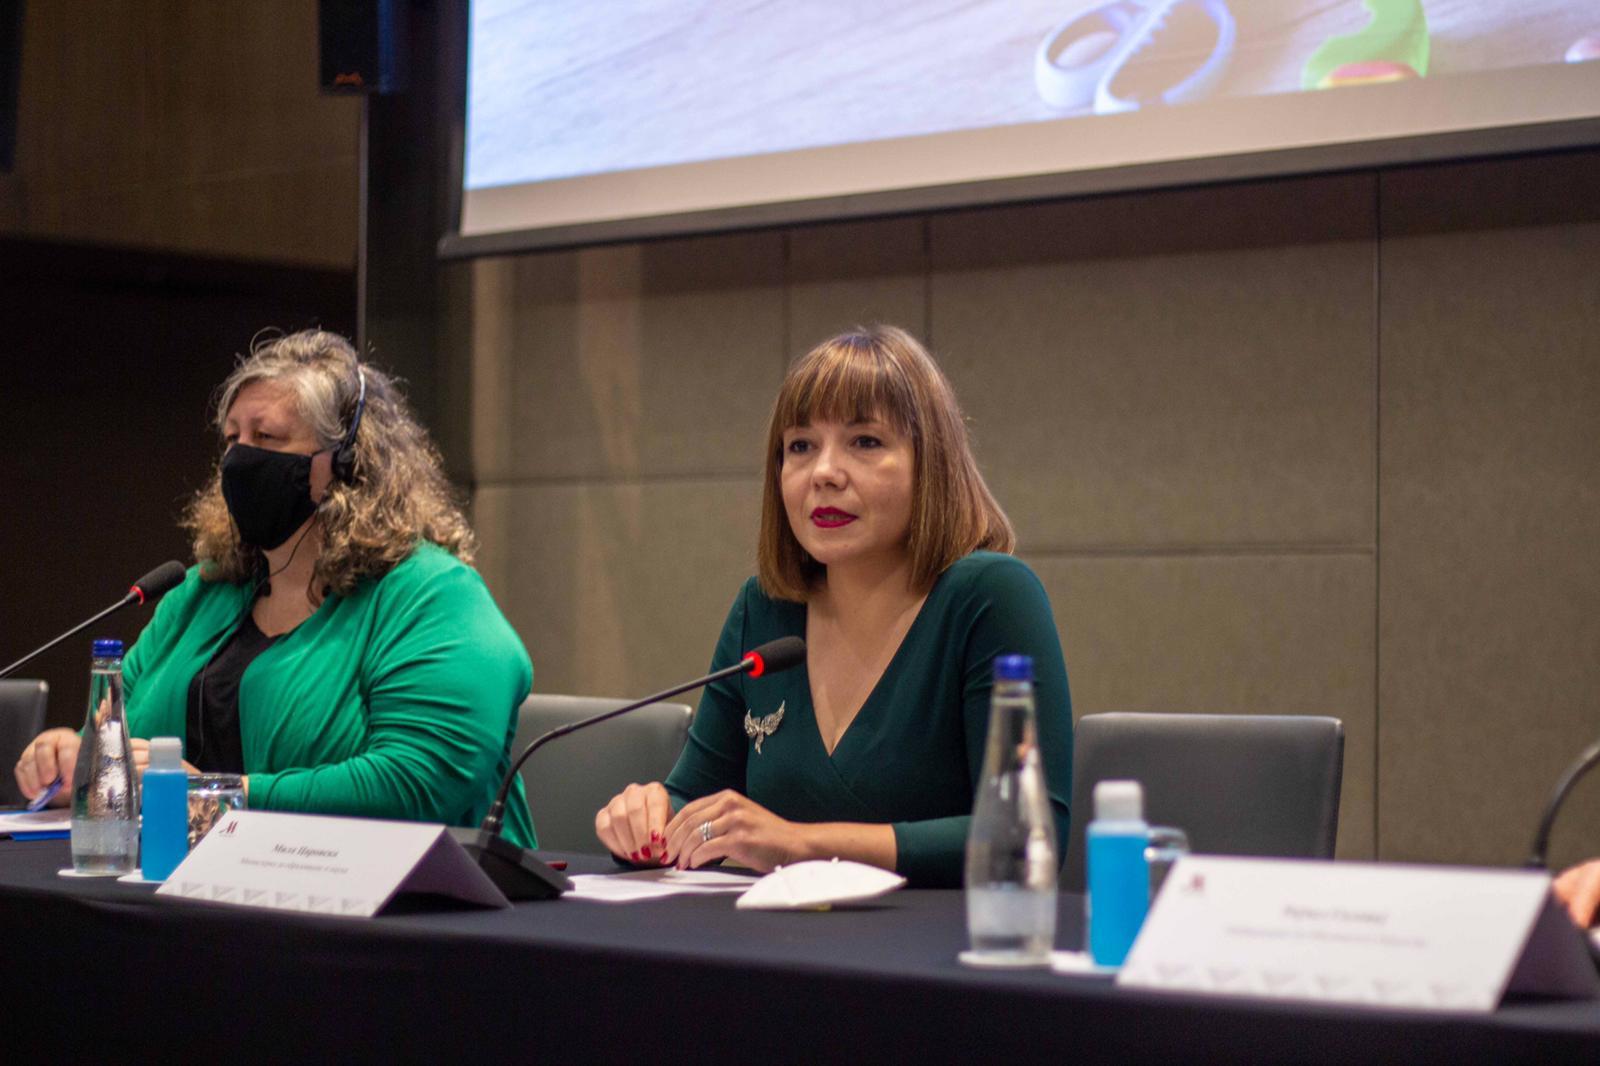 Царовска од Подгорица: Дигитализацијата во образованието не е само тренд, туку огромна потреба